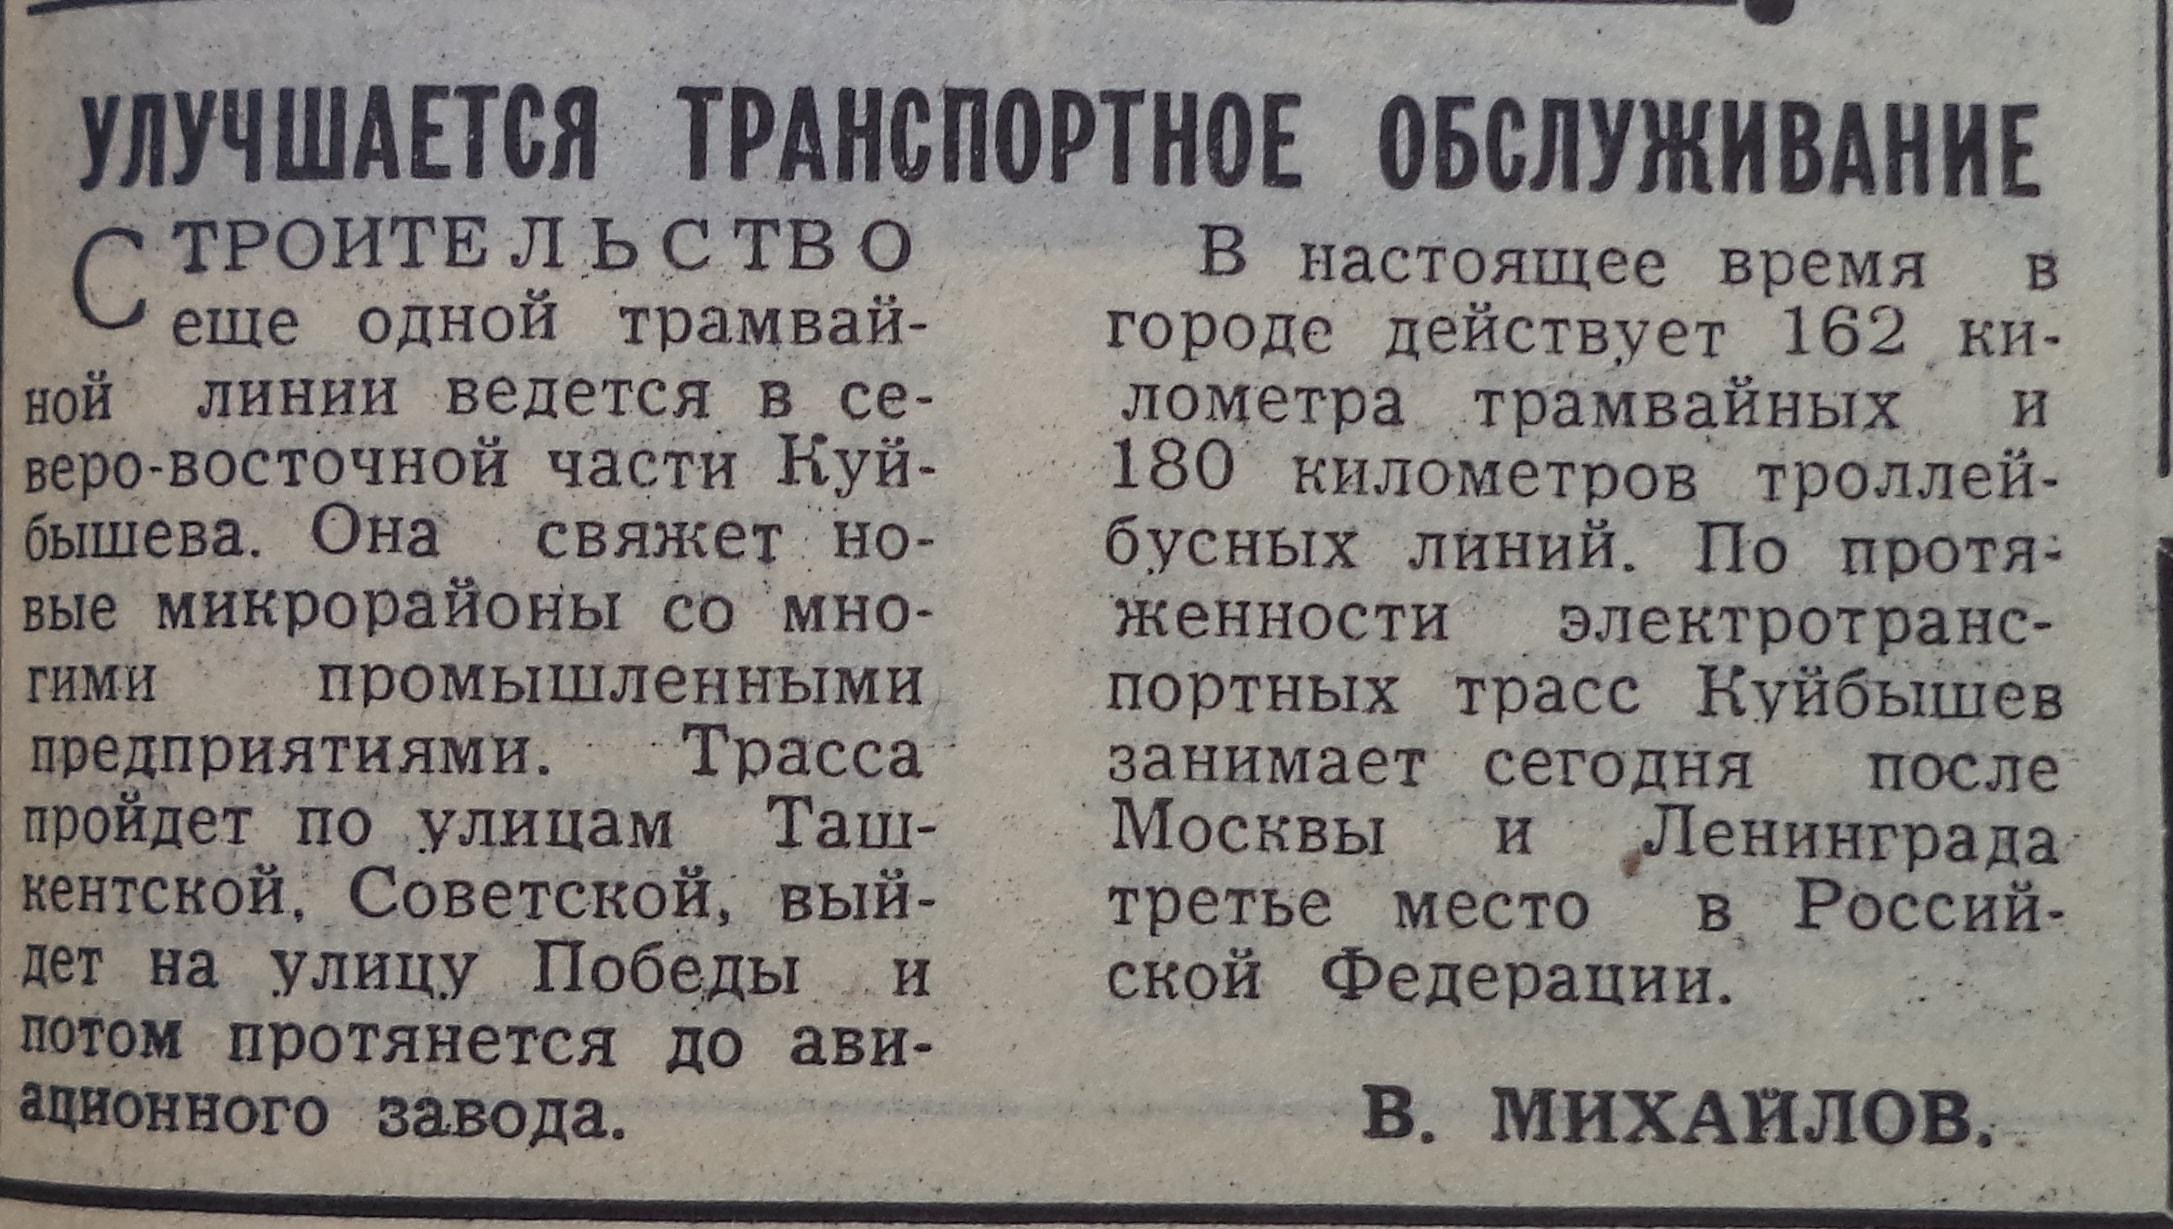 Советская-ФОТО-31-ВЗя-1979-09-24-о прокладке трамваев по Советской-min